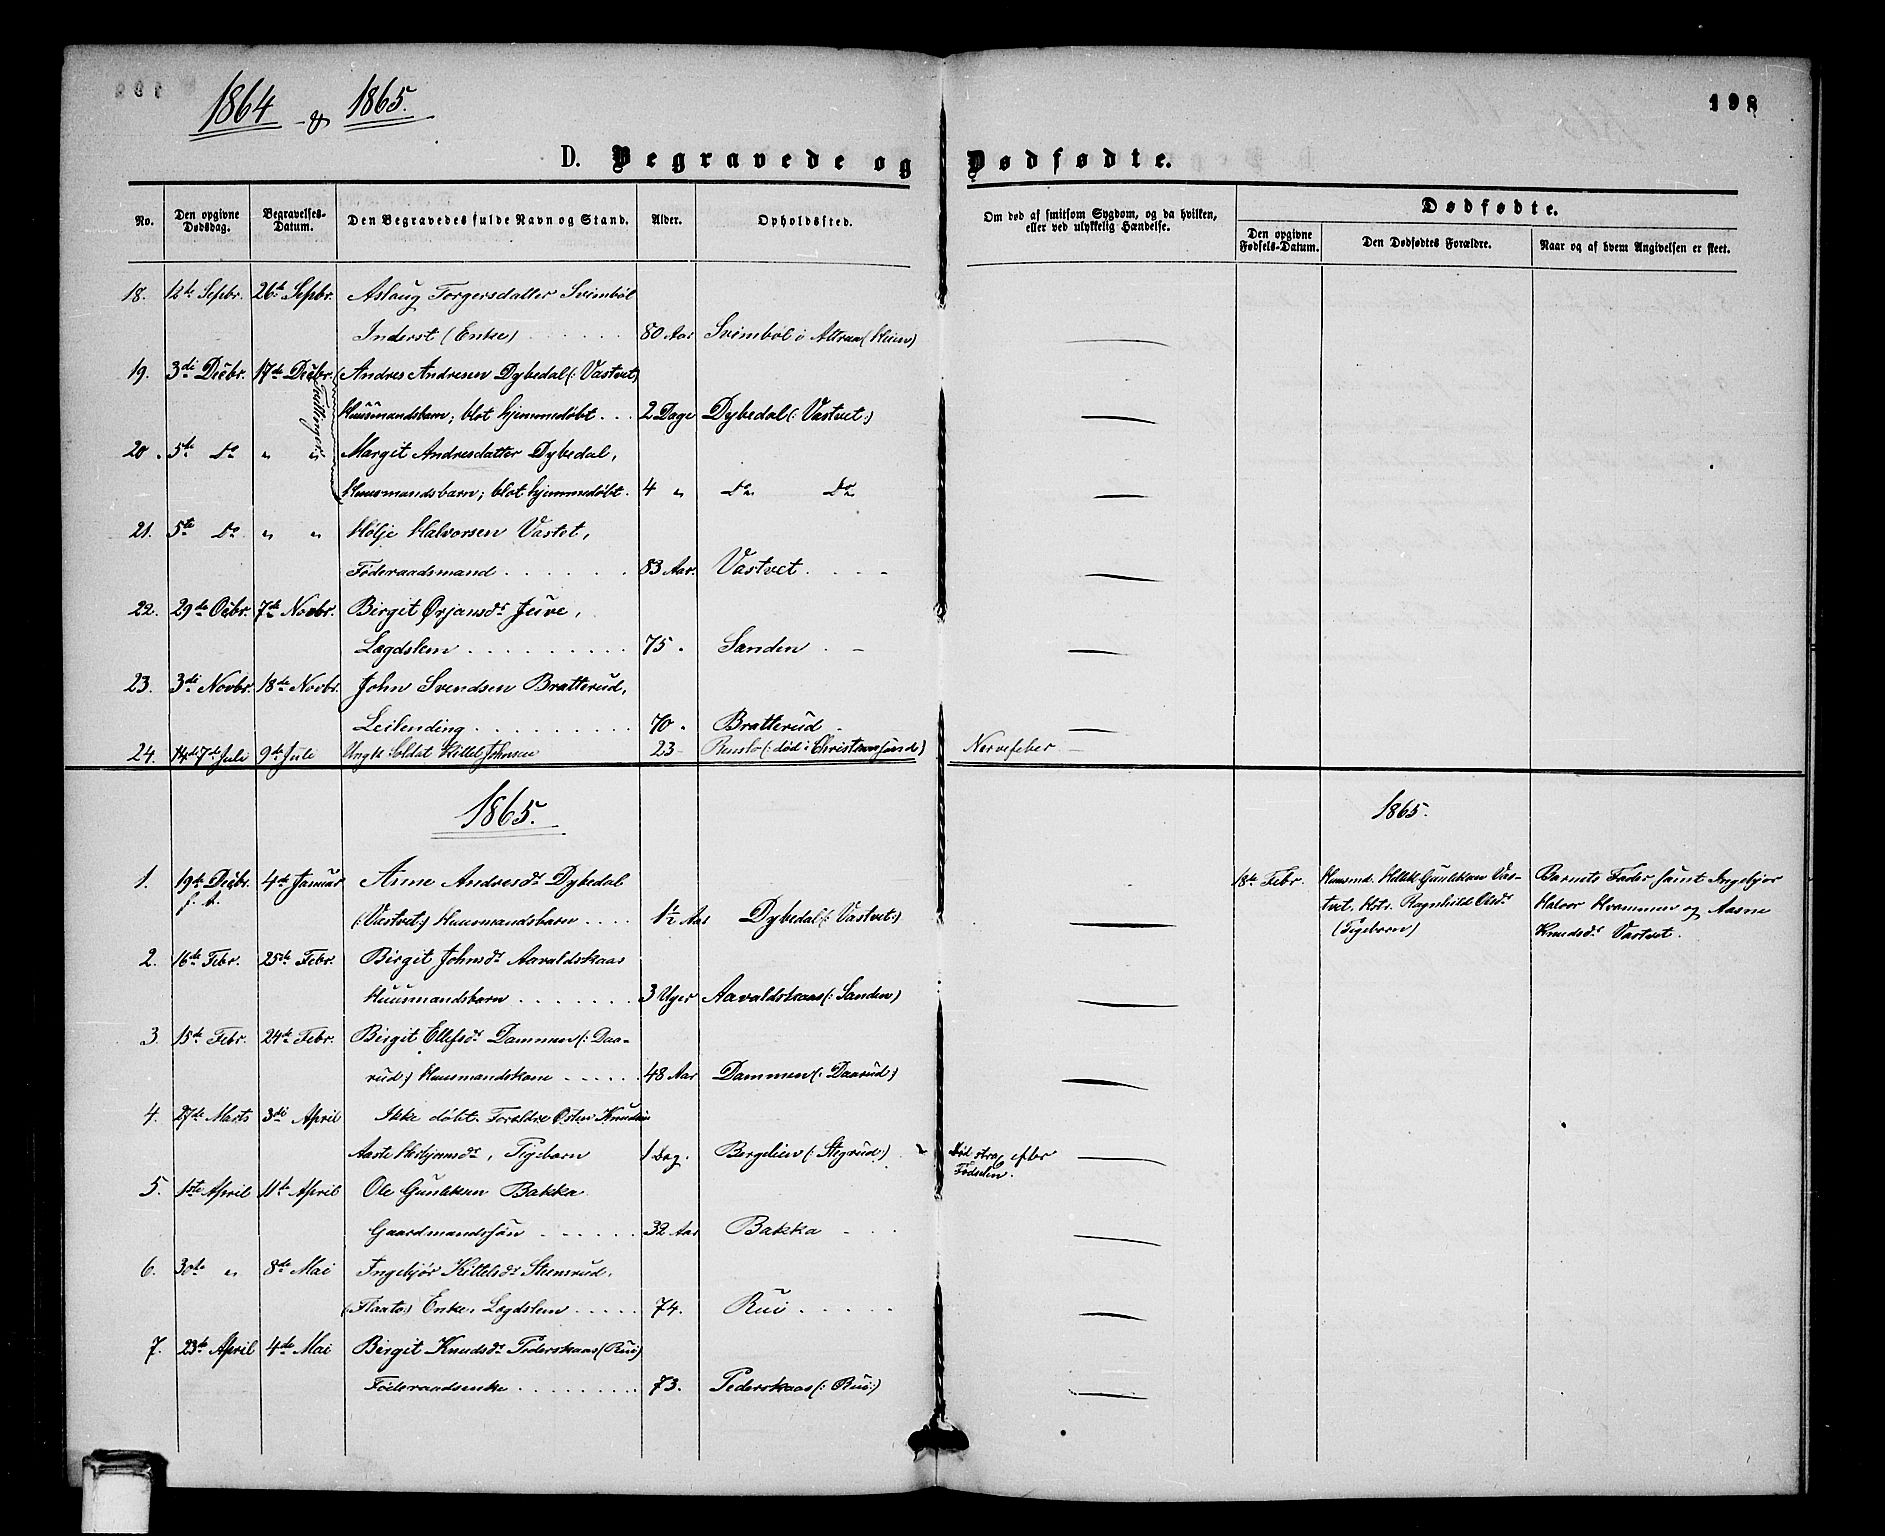 SAKO, Gransherad kirkebøker, G/Gb/L0002: Klokkerbok nr. II 2, 1860-1886, s. 198